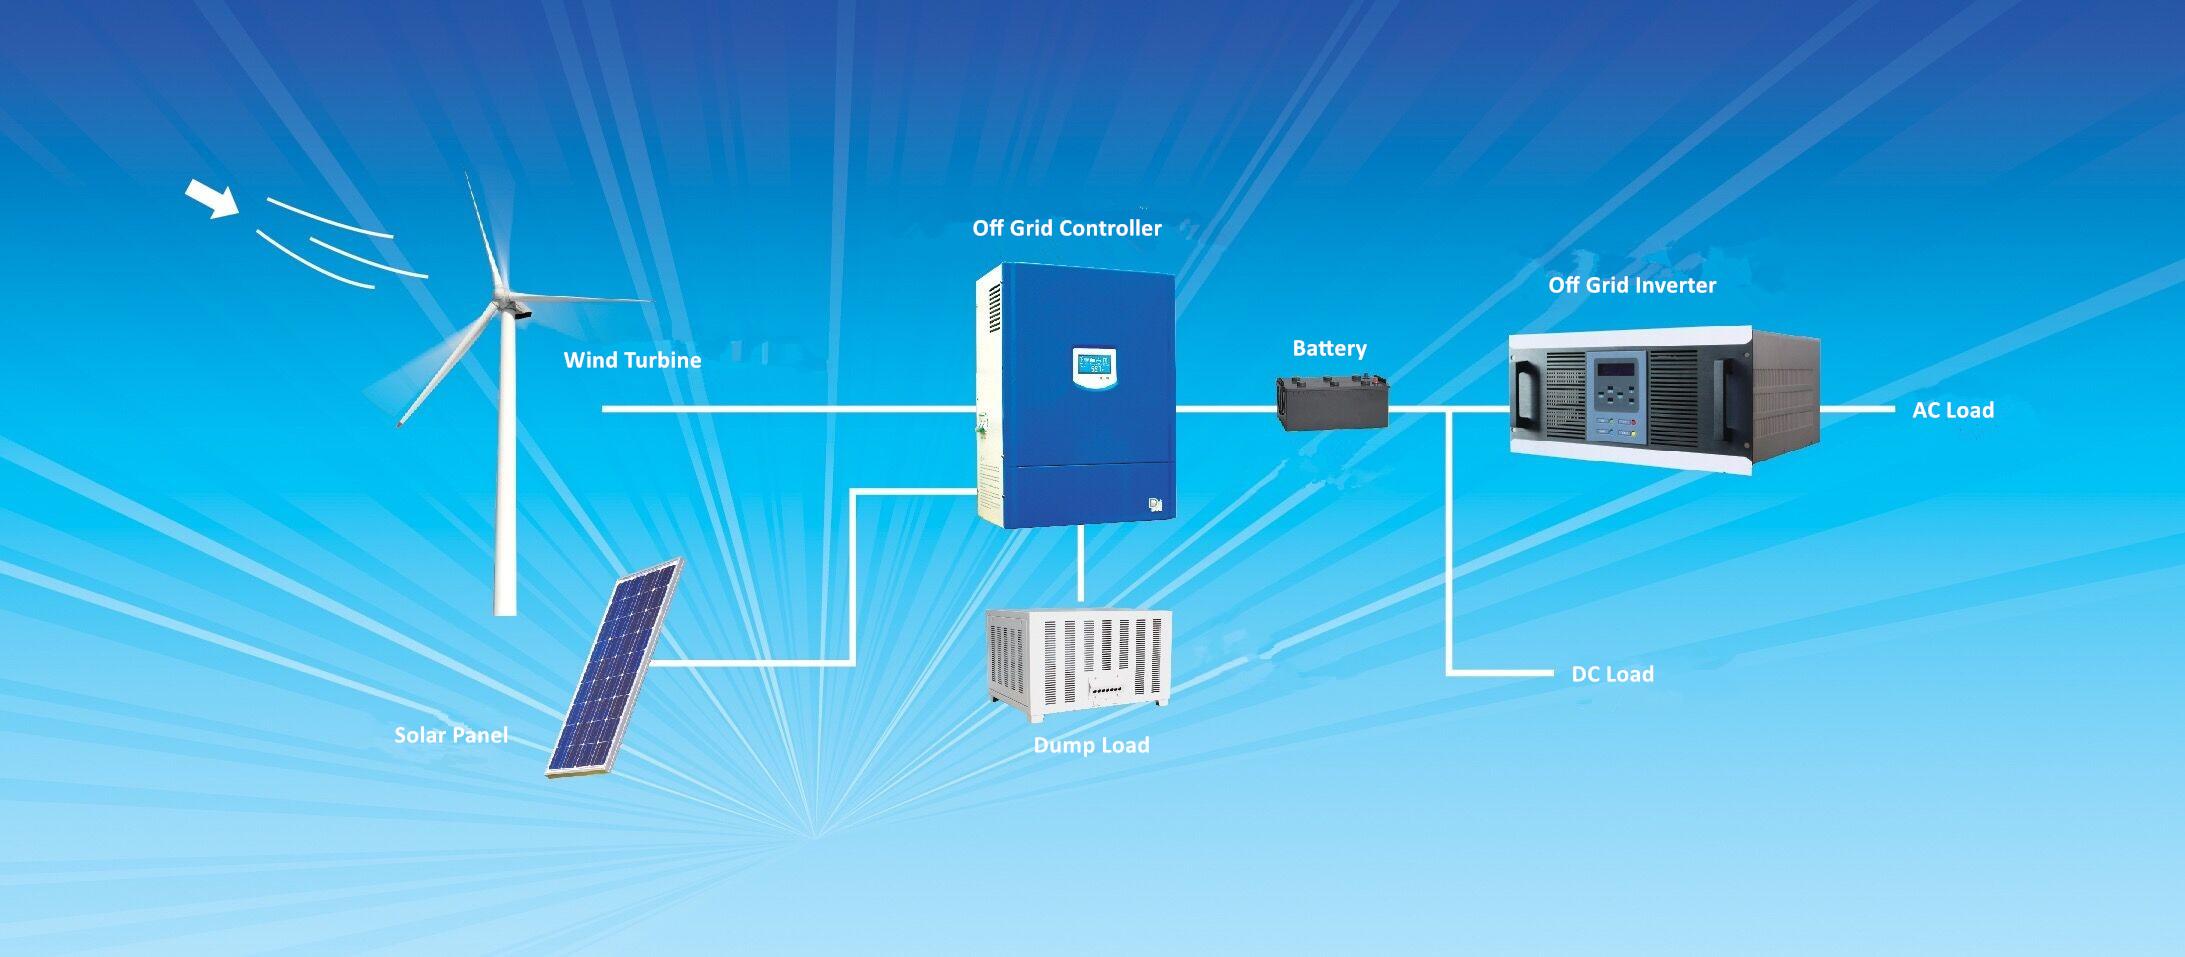 Off grid wind solar hybrid system electrical diagram